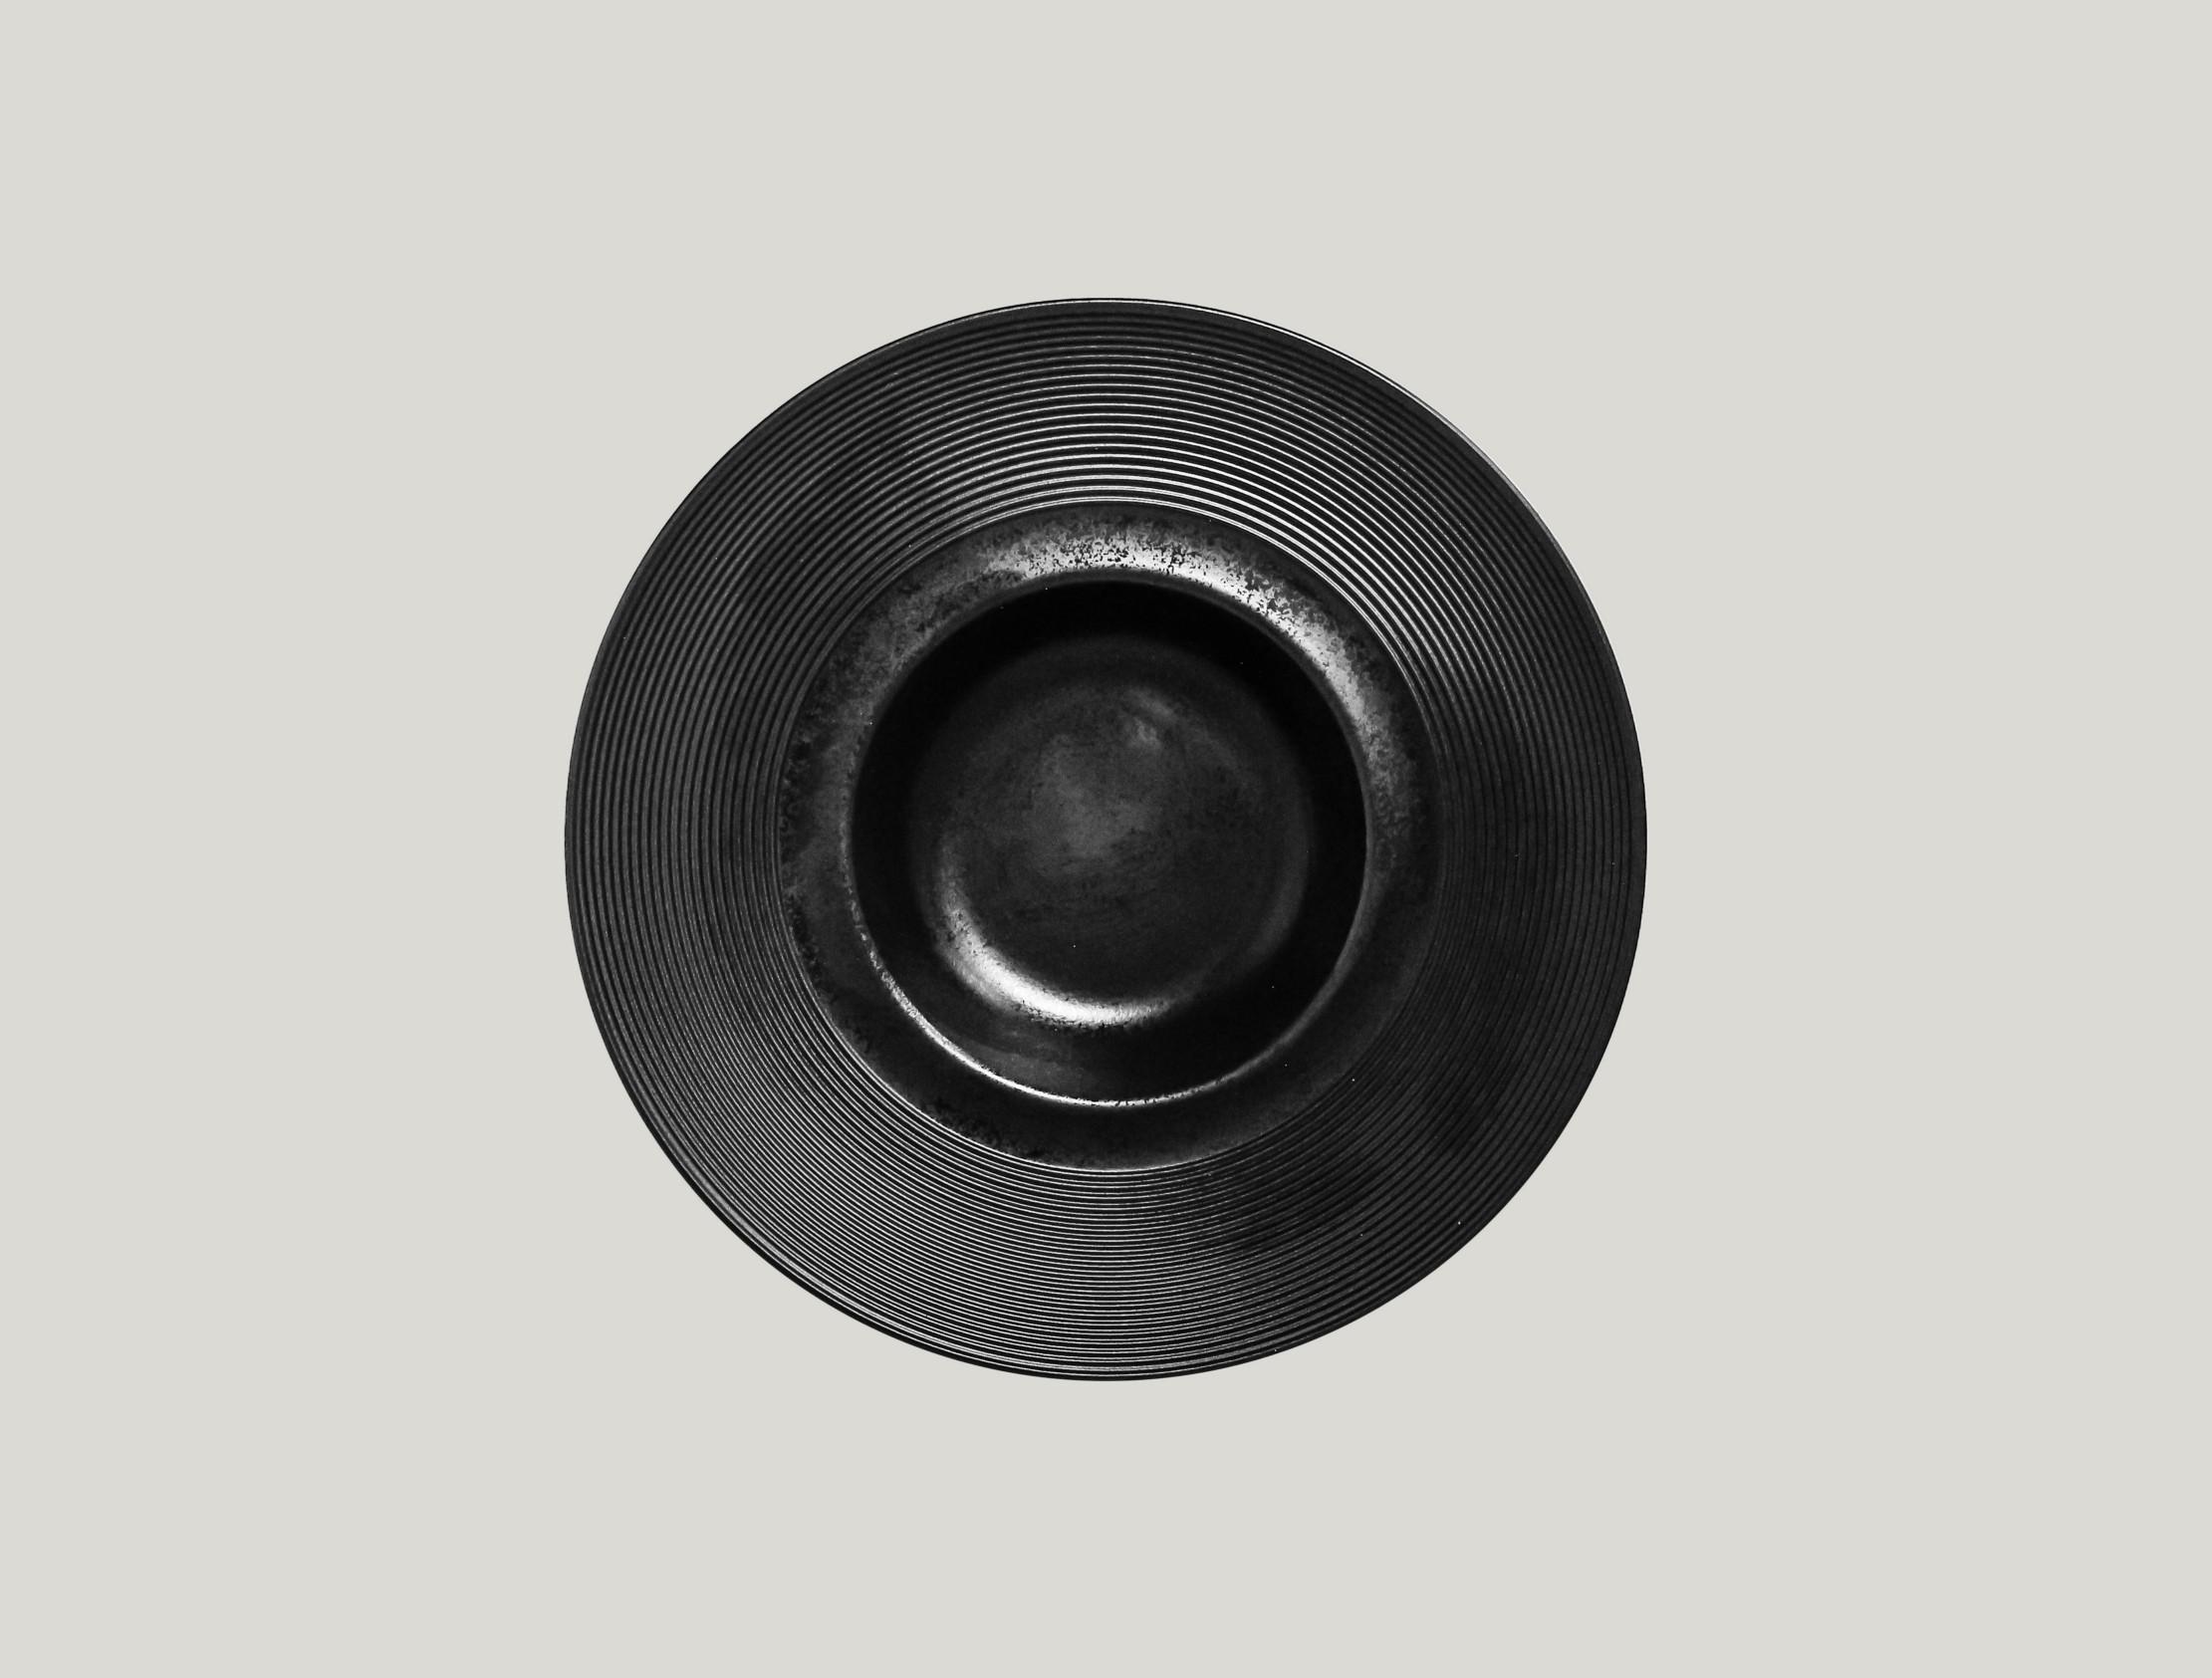 Edge talíř hluboký Gourmet 26 cm - černá